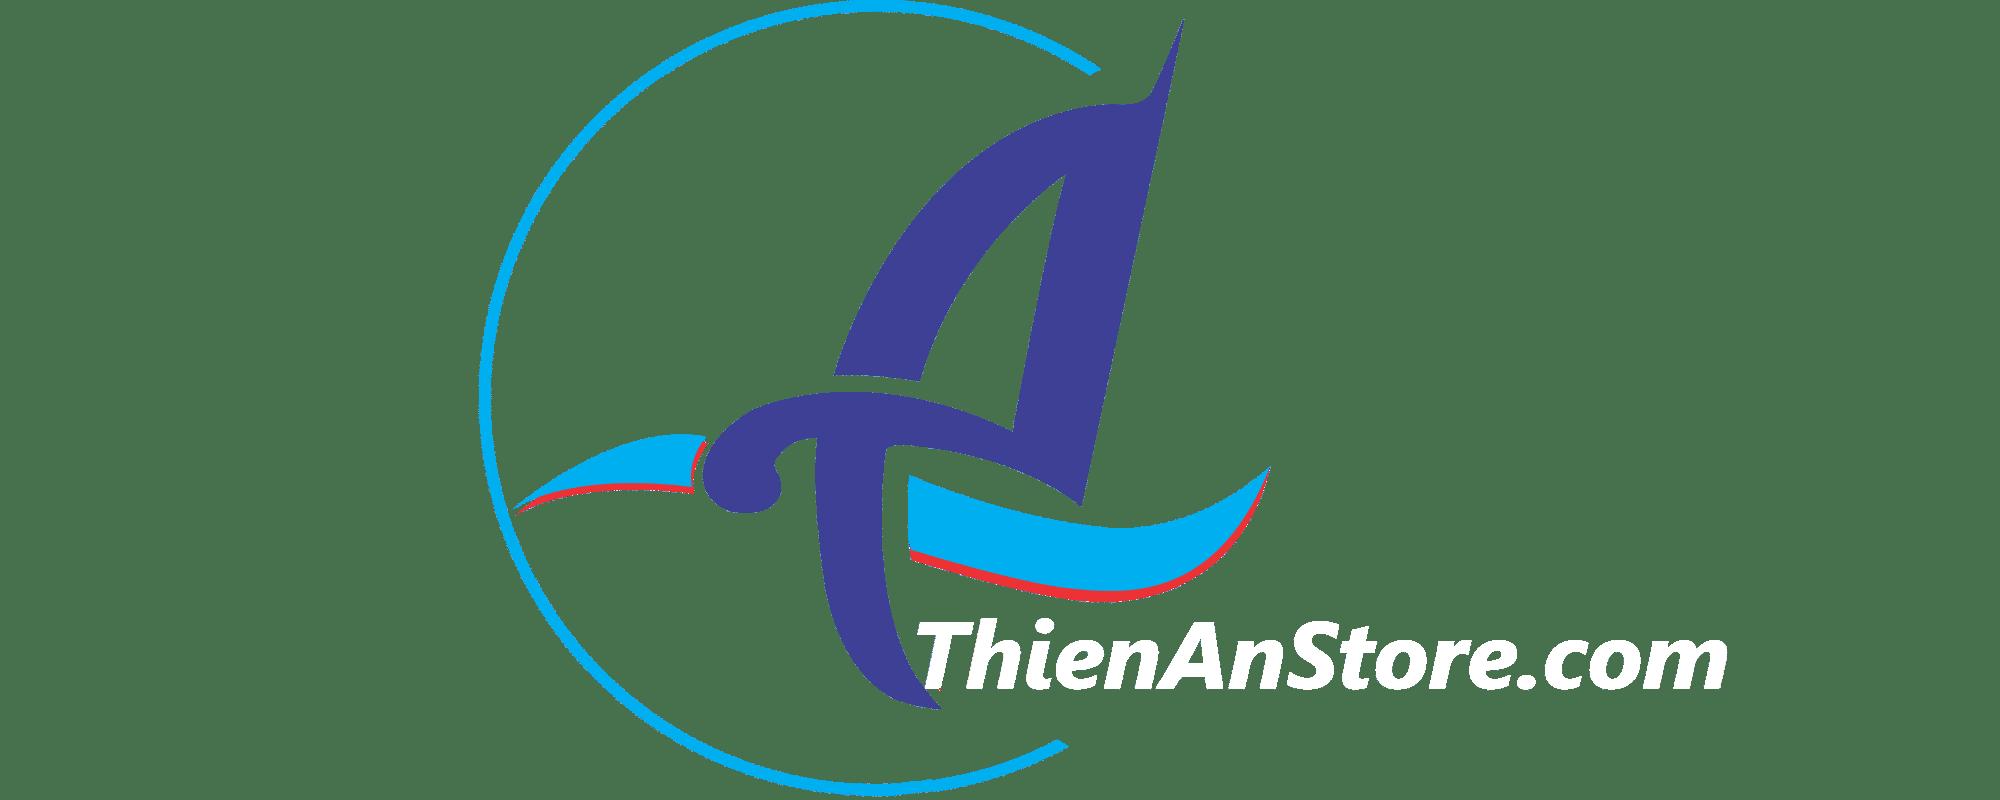 ThienAnStore